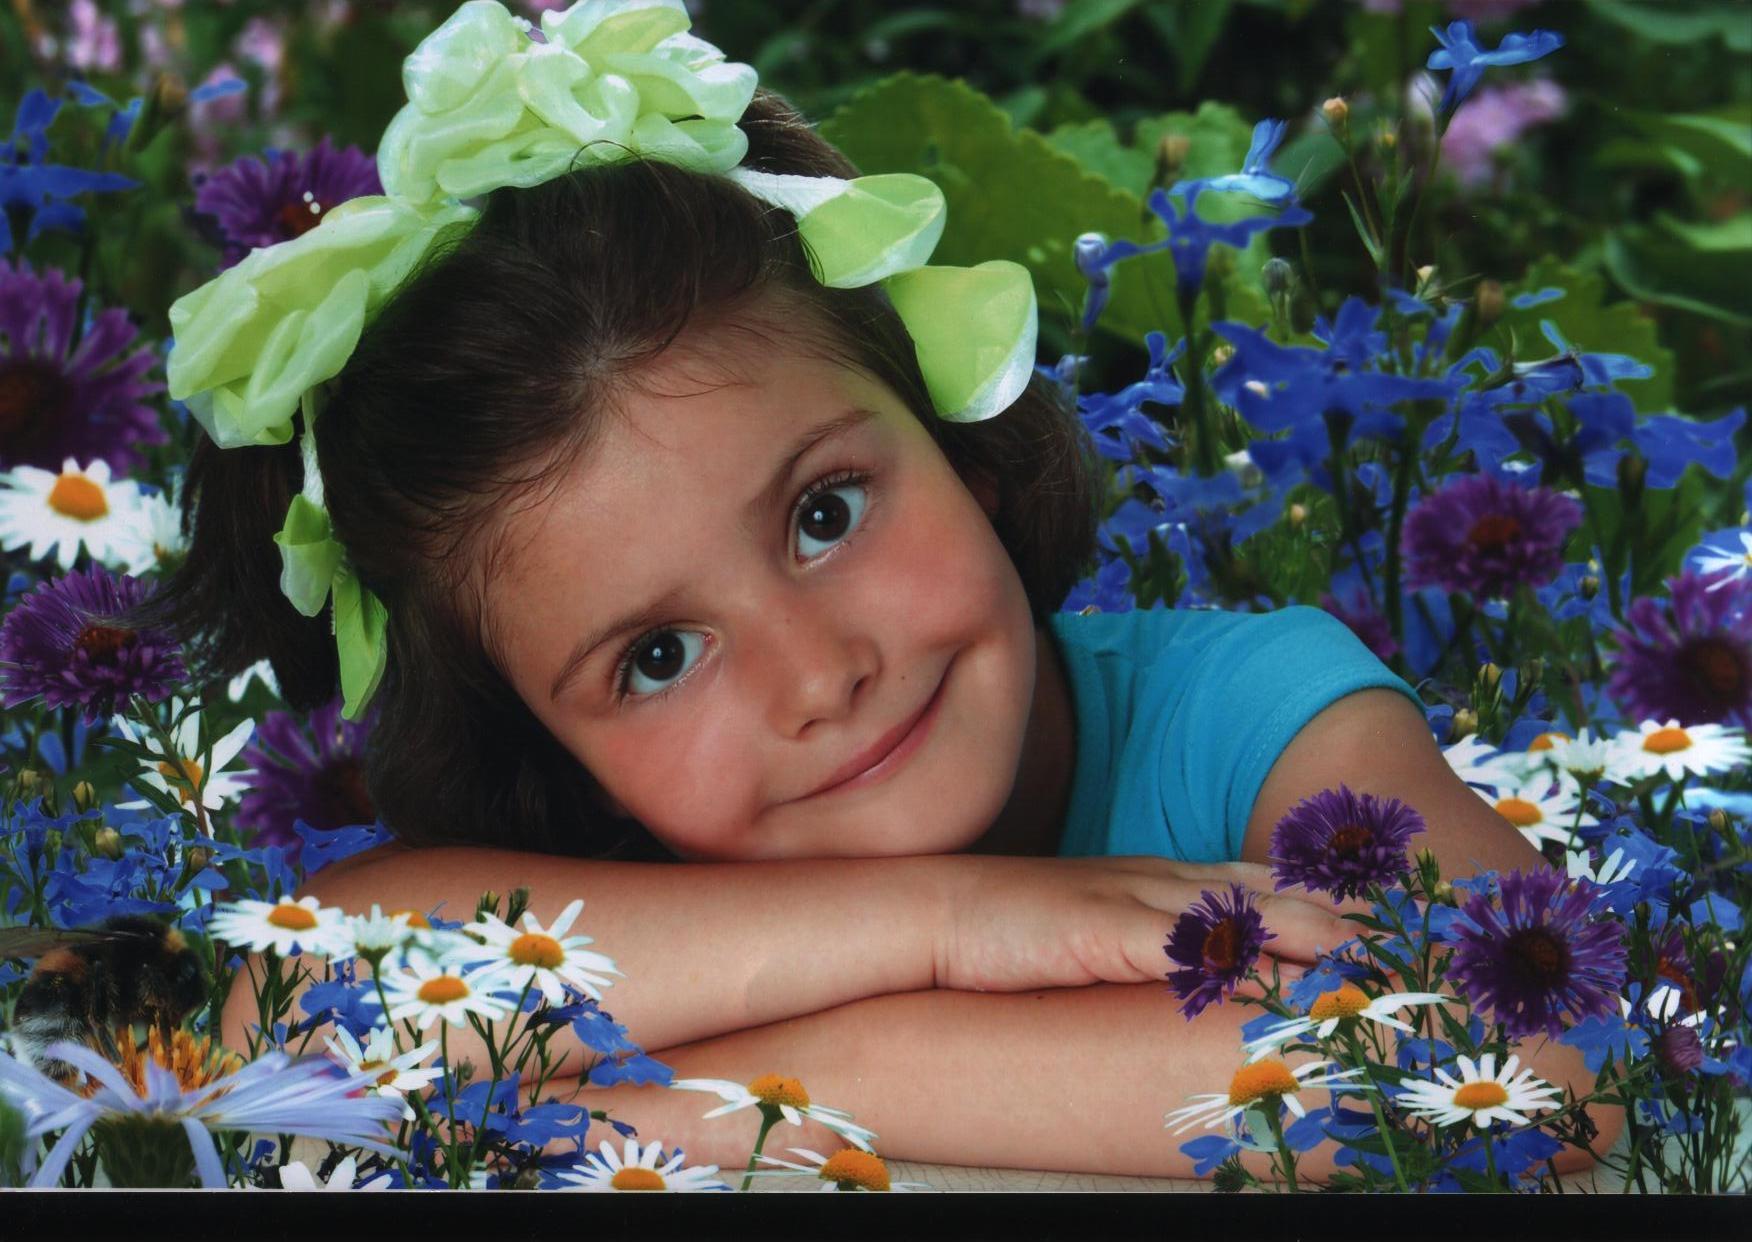 СОЛНЕЧНАЯ УЛЫБКА. Детские портреты